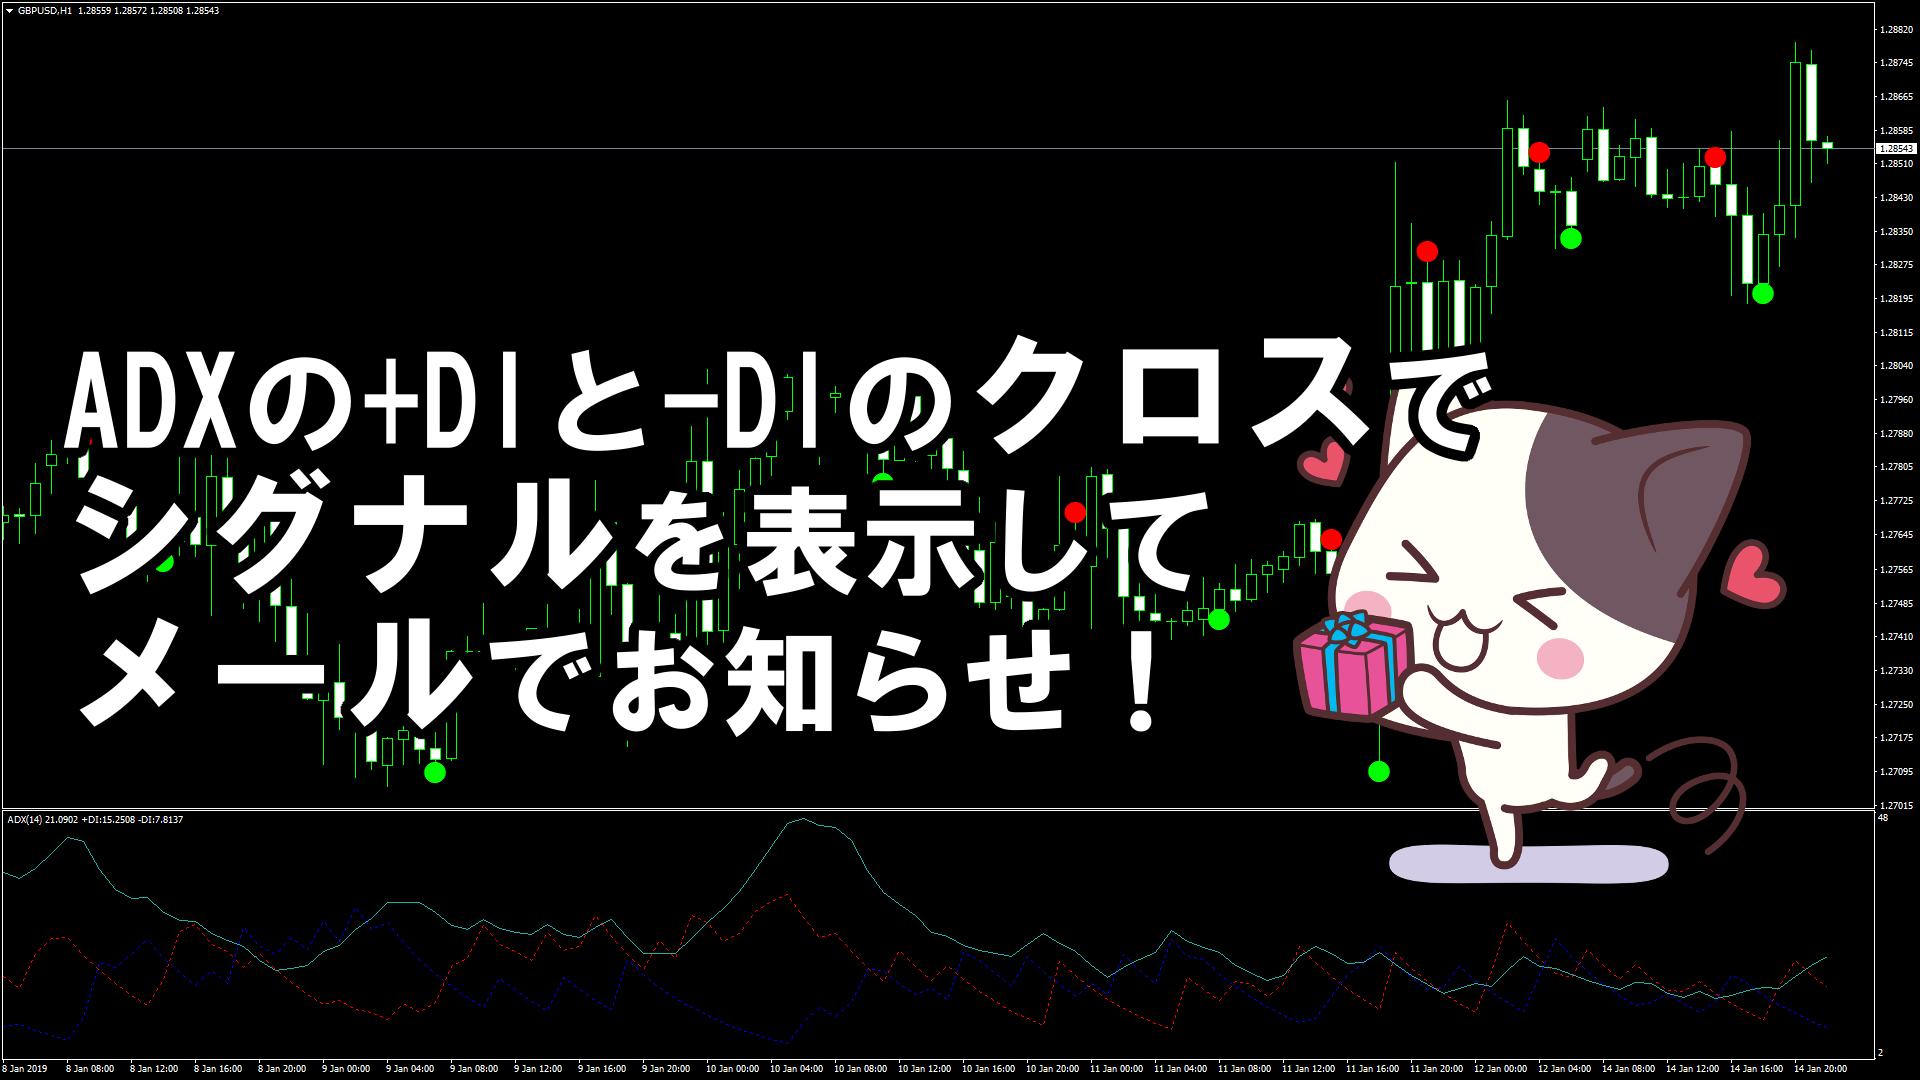 ADXの+DIと-DIのクロスでシグナルを表示してメールでお知らせしてくれるMT4インジケーター『ADX CrossingAlertEmail』